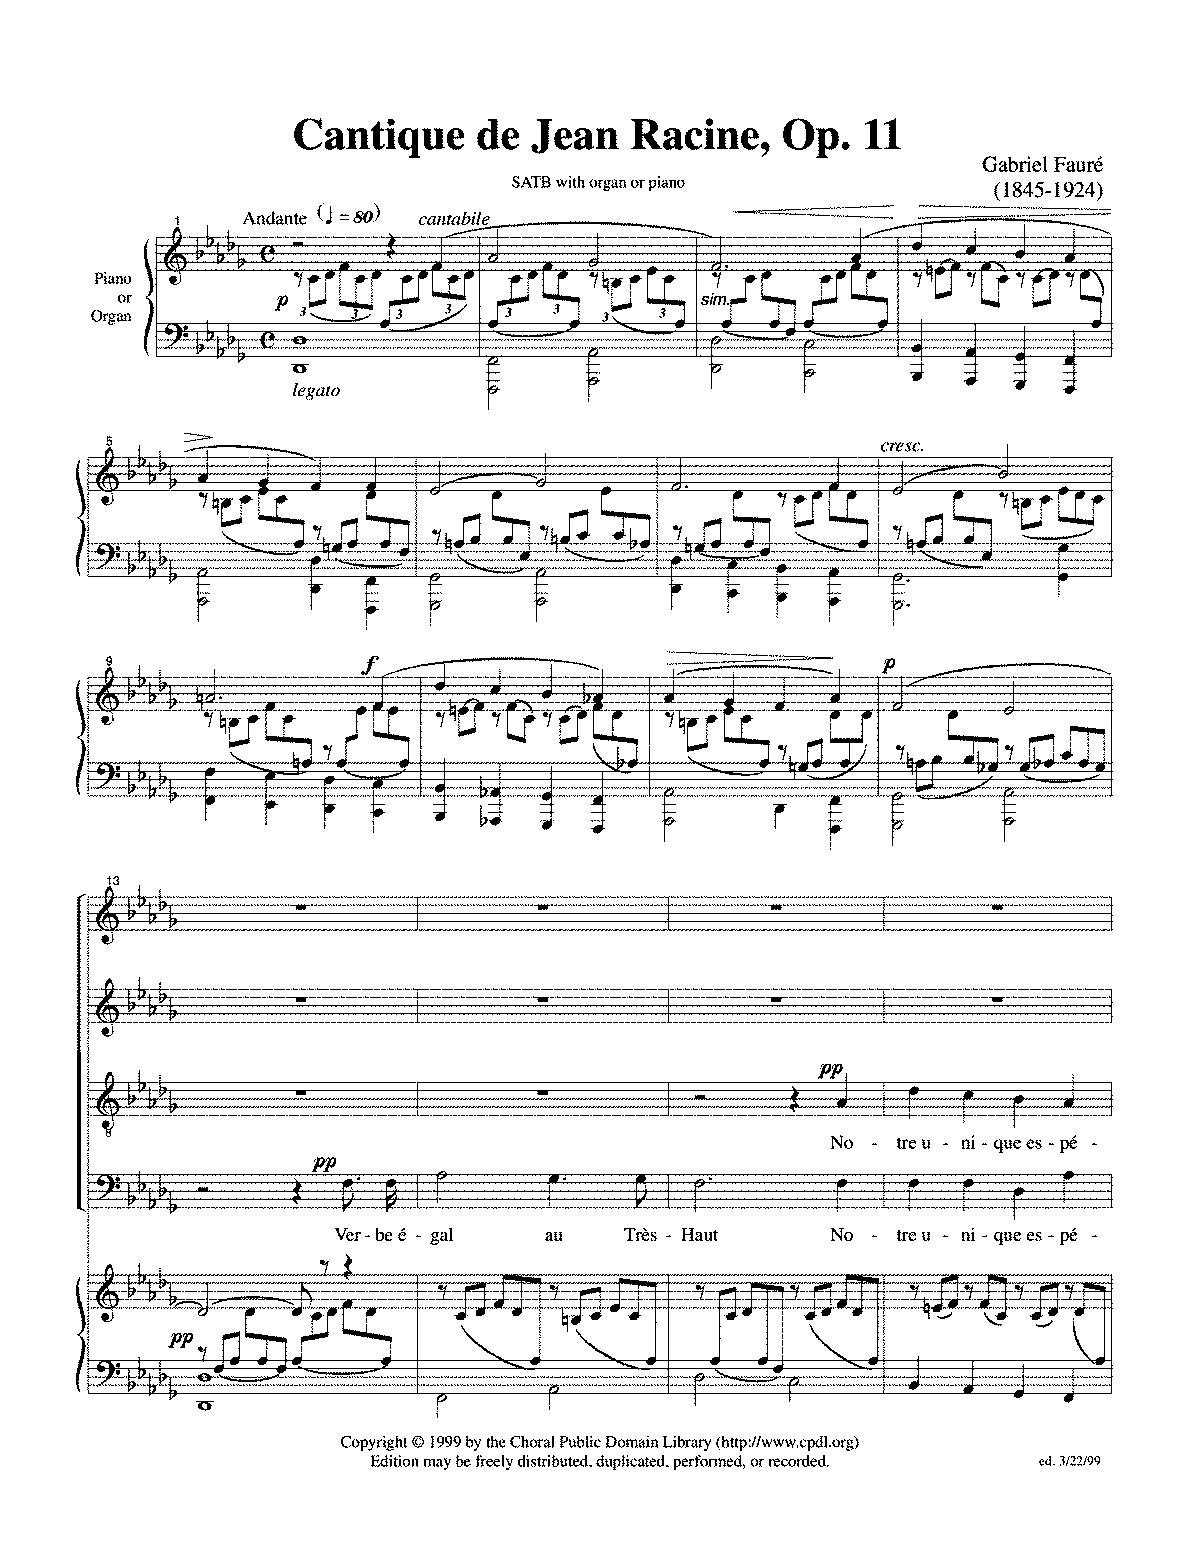 Cantique de Jean Racine, Op 11 (Fauré, Gabriel) - IMSLP/Petrucci